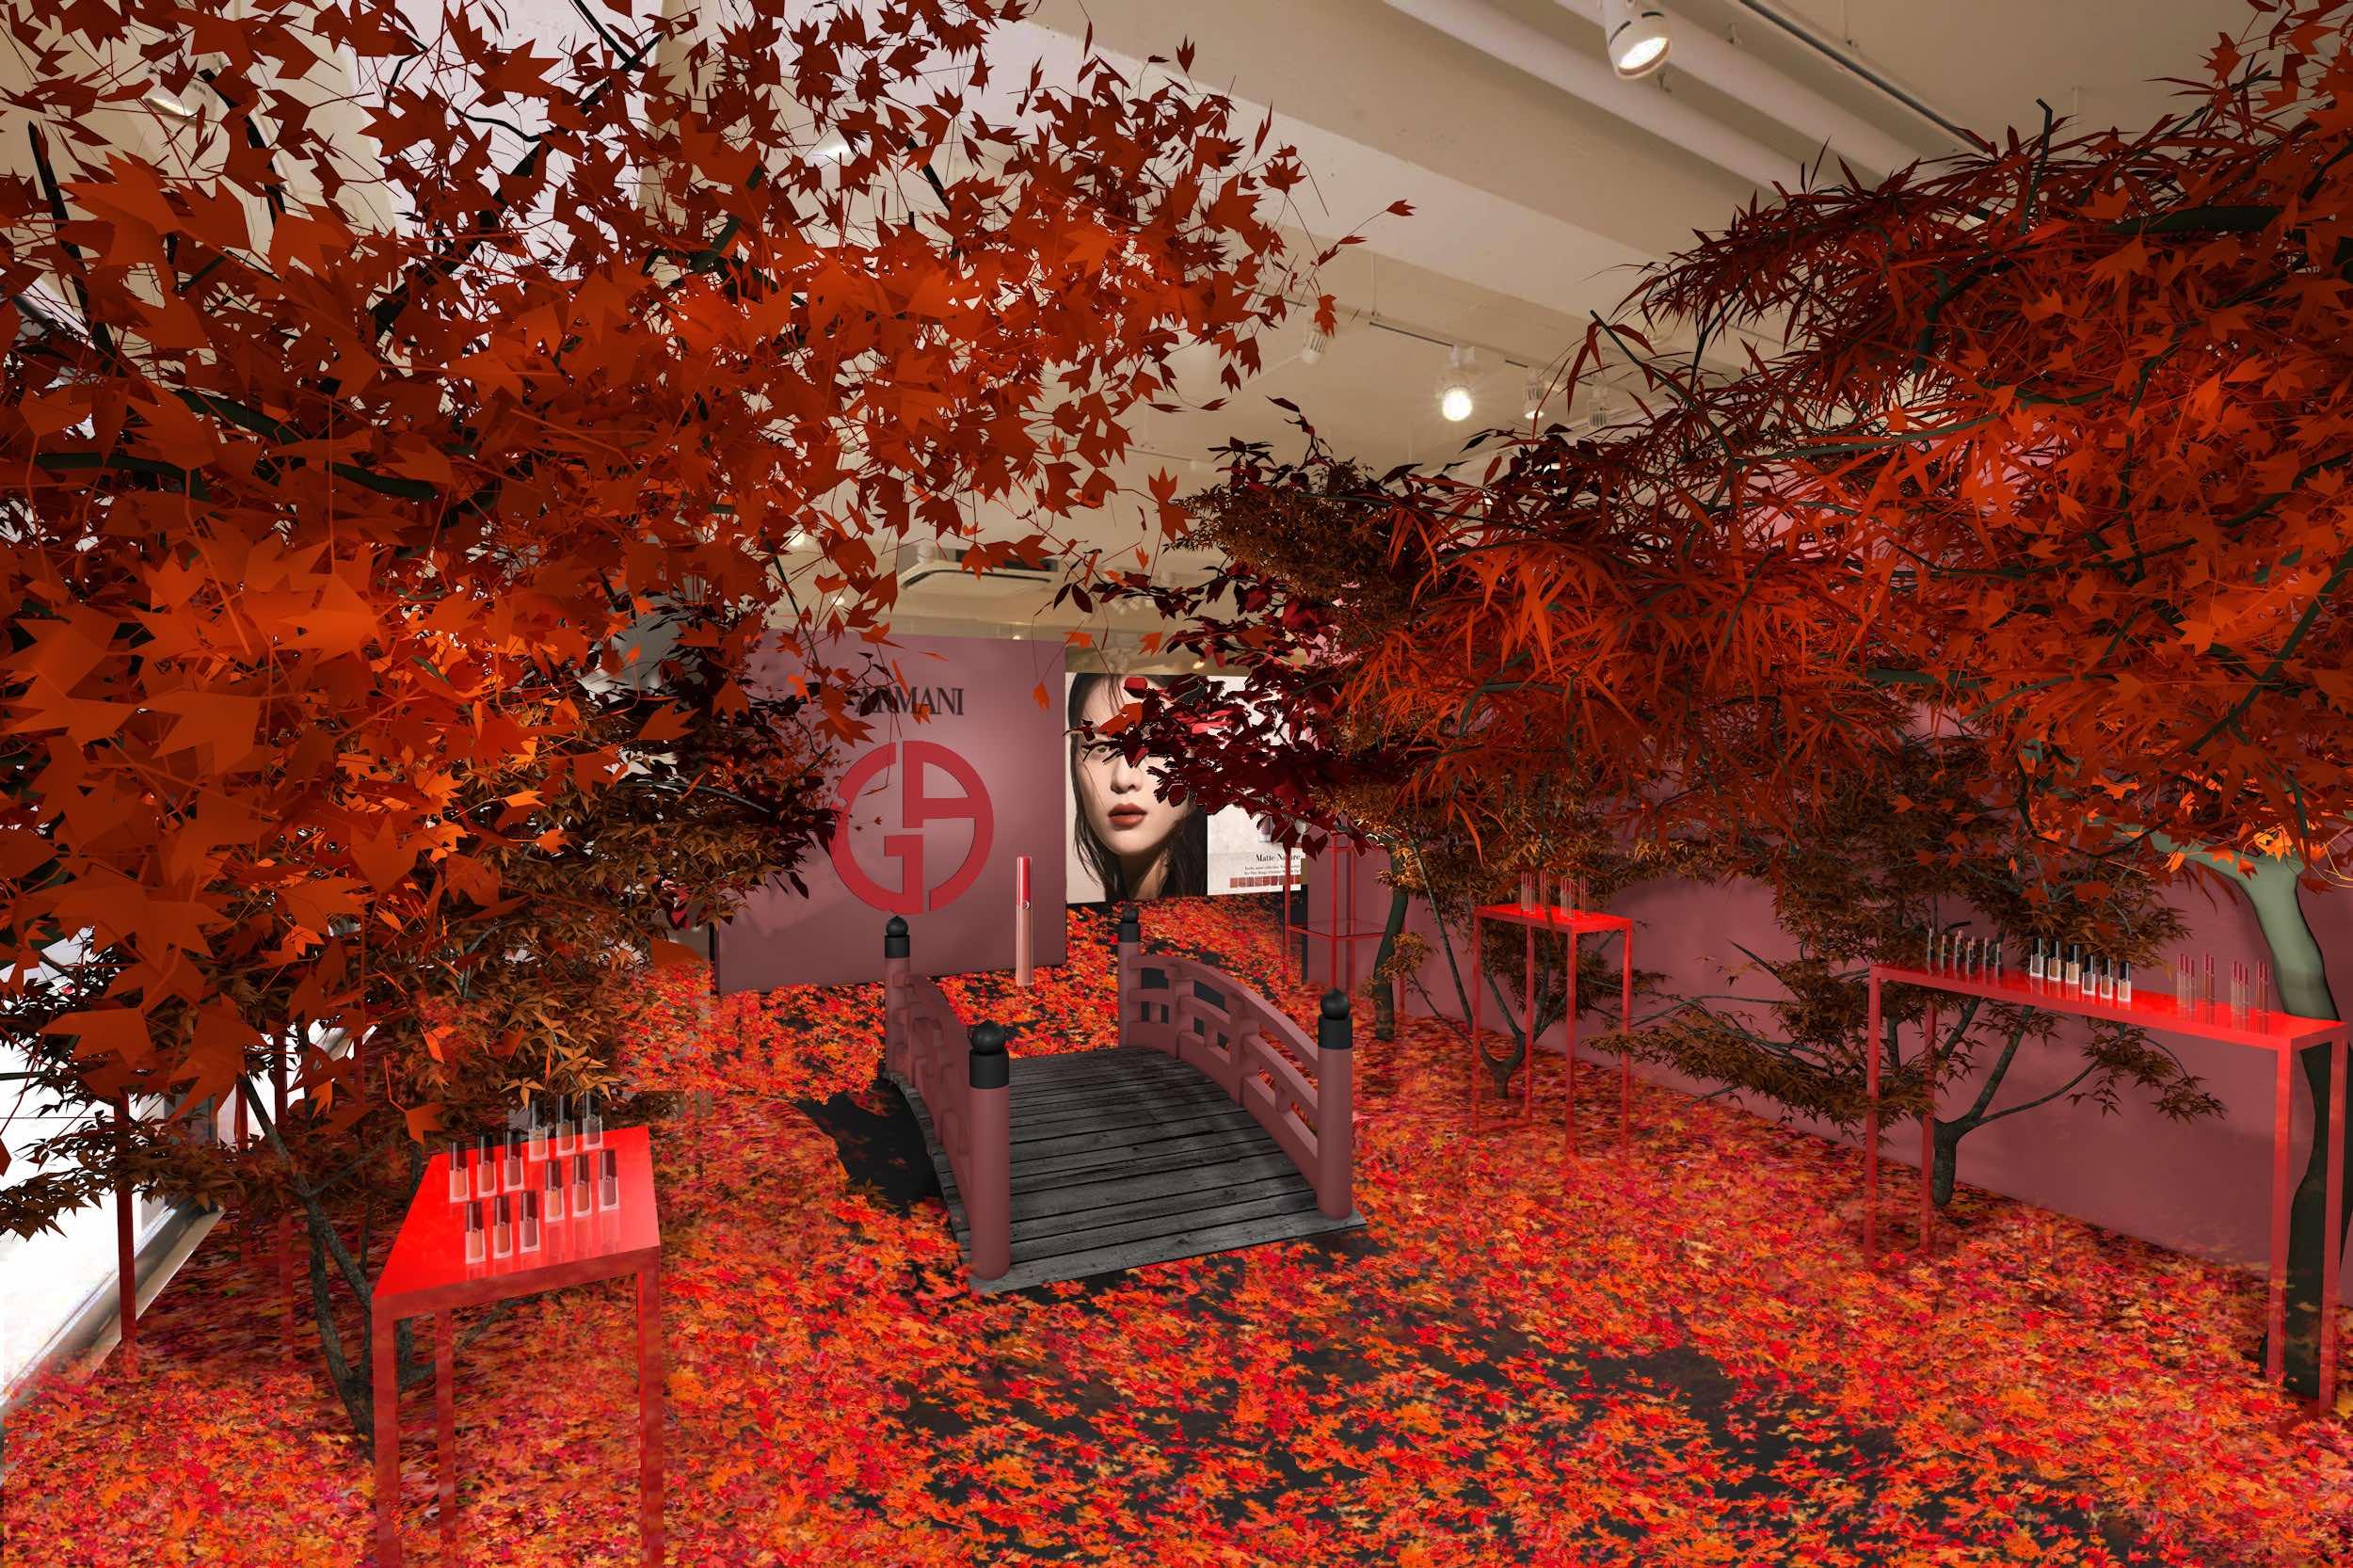 ポップアップストア「アルマーニビューティ KOYO」が神宮前に2日間限定オープン♪ 新感覚の紅葉と秋メイクを体験 _1